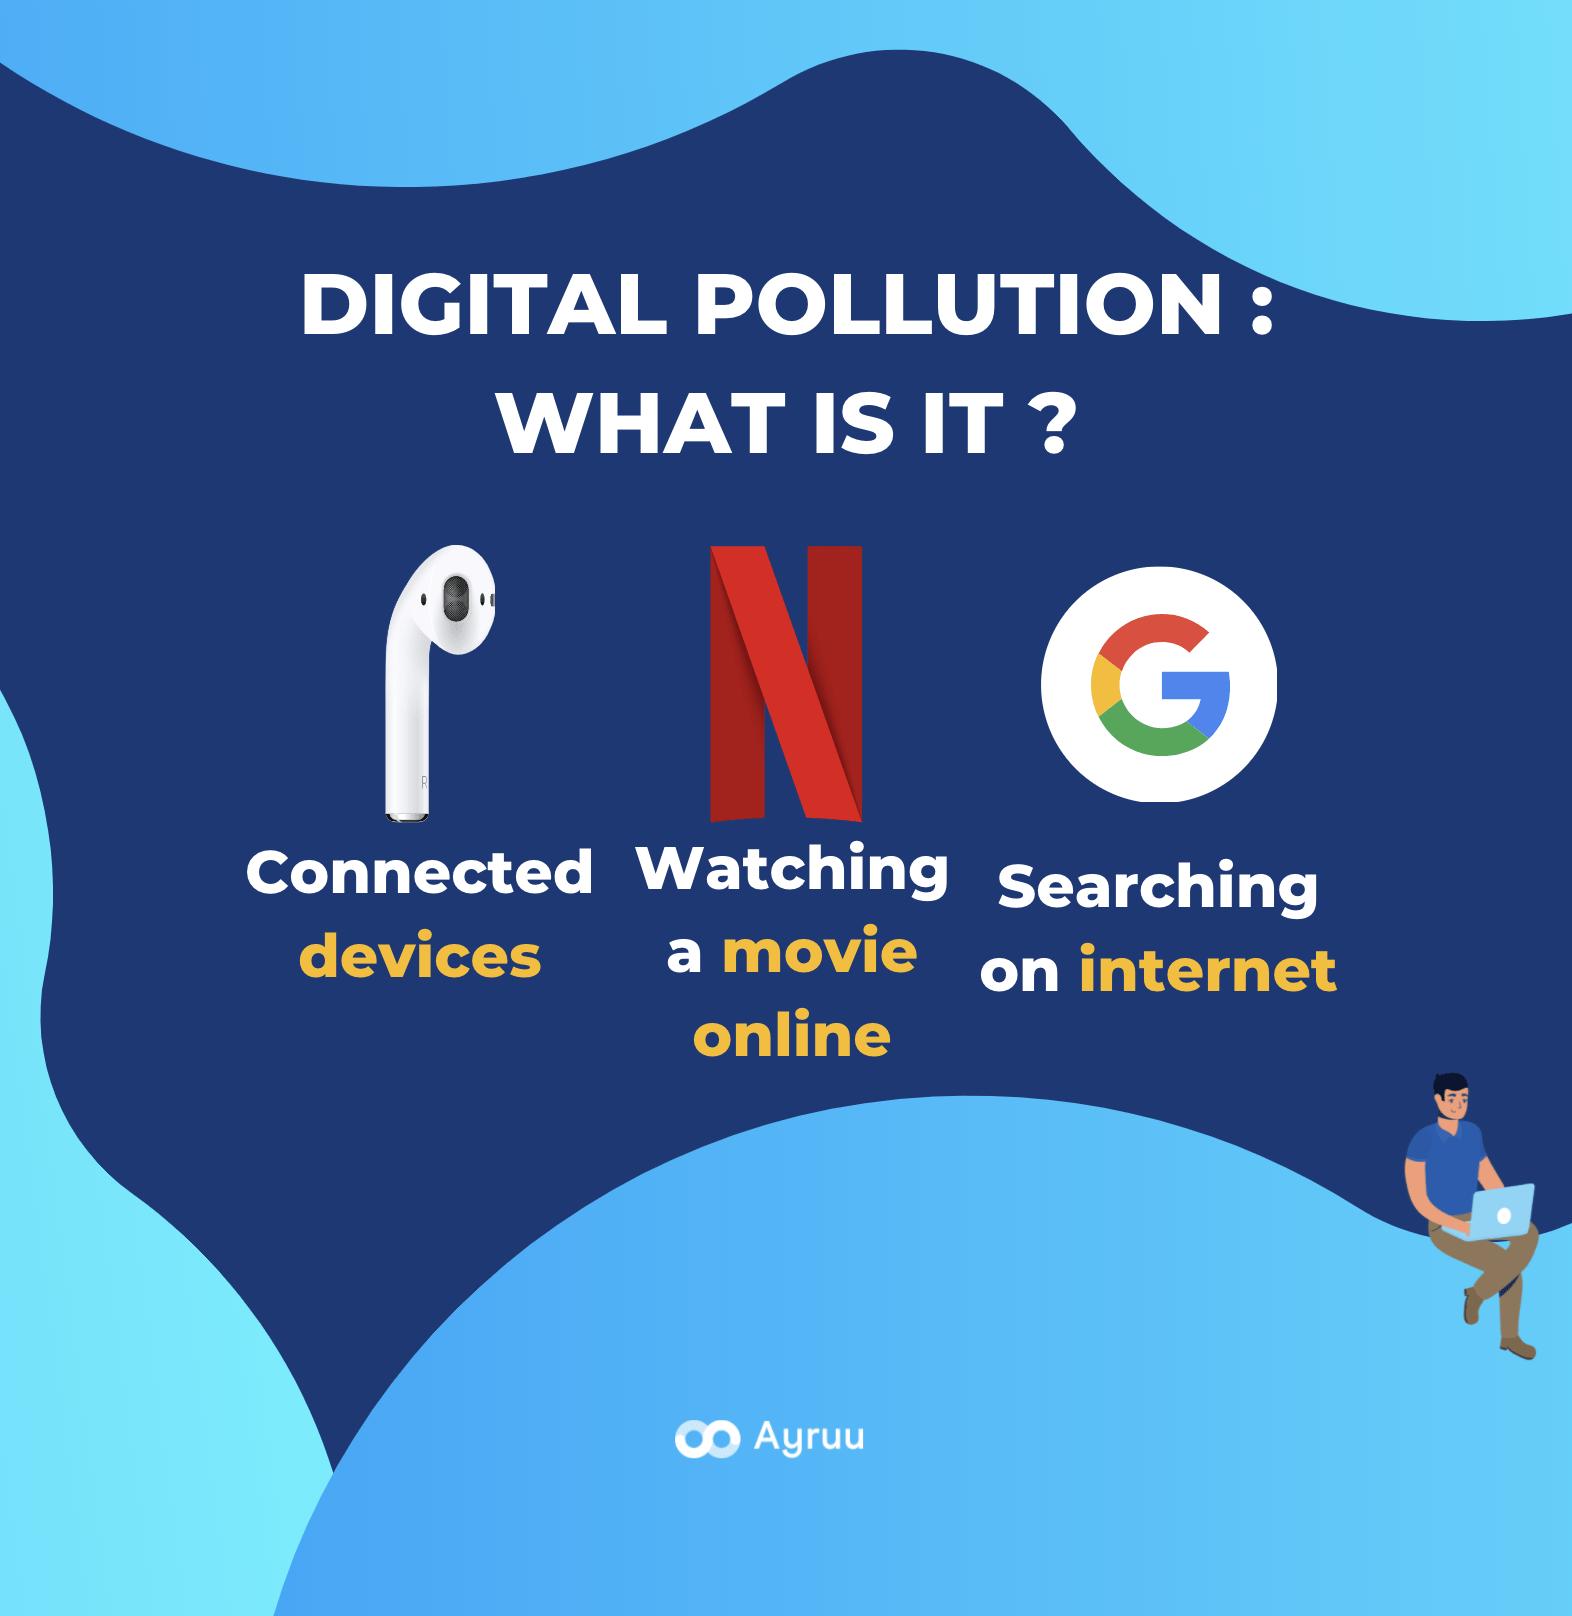 Digital pollution definition